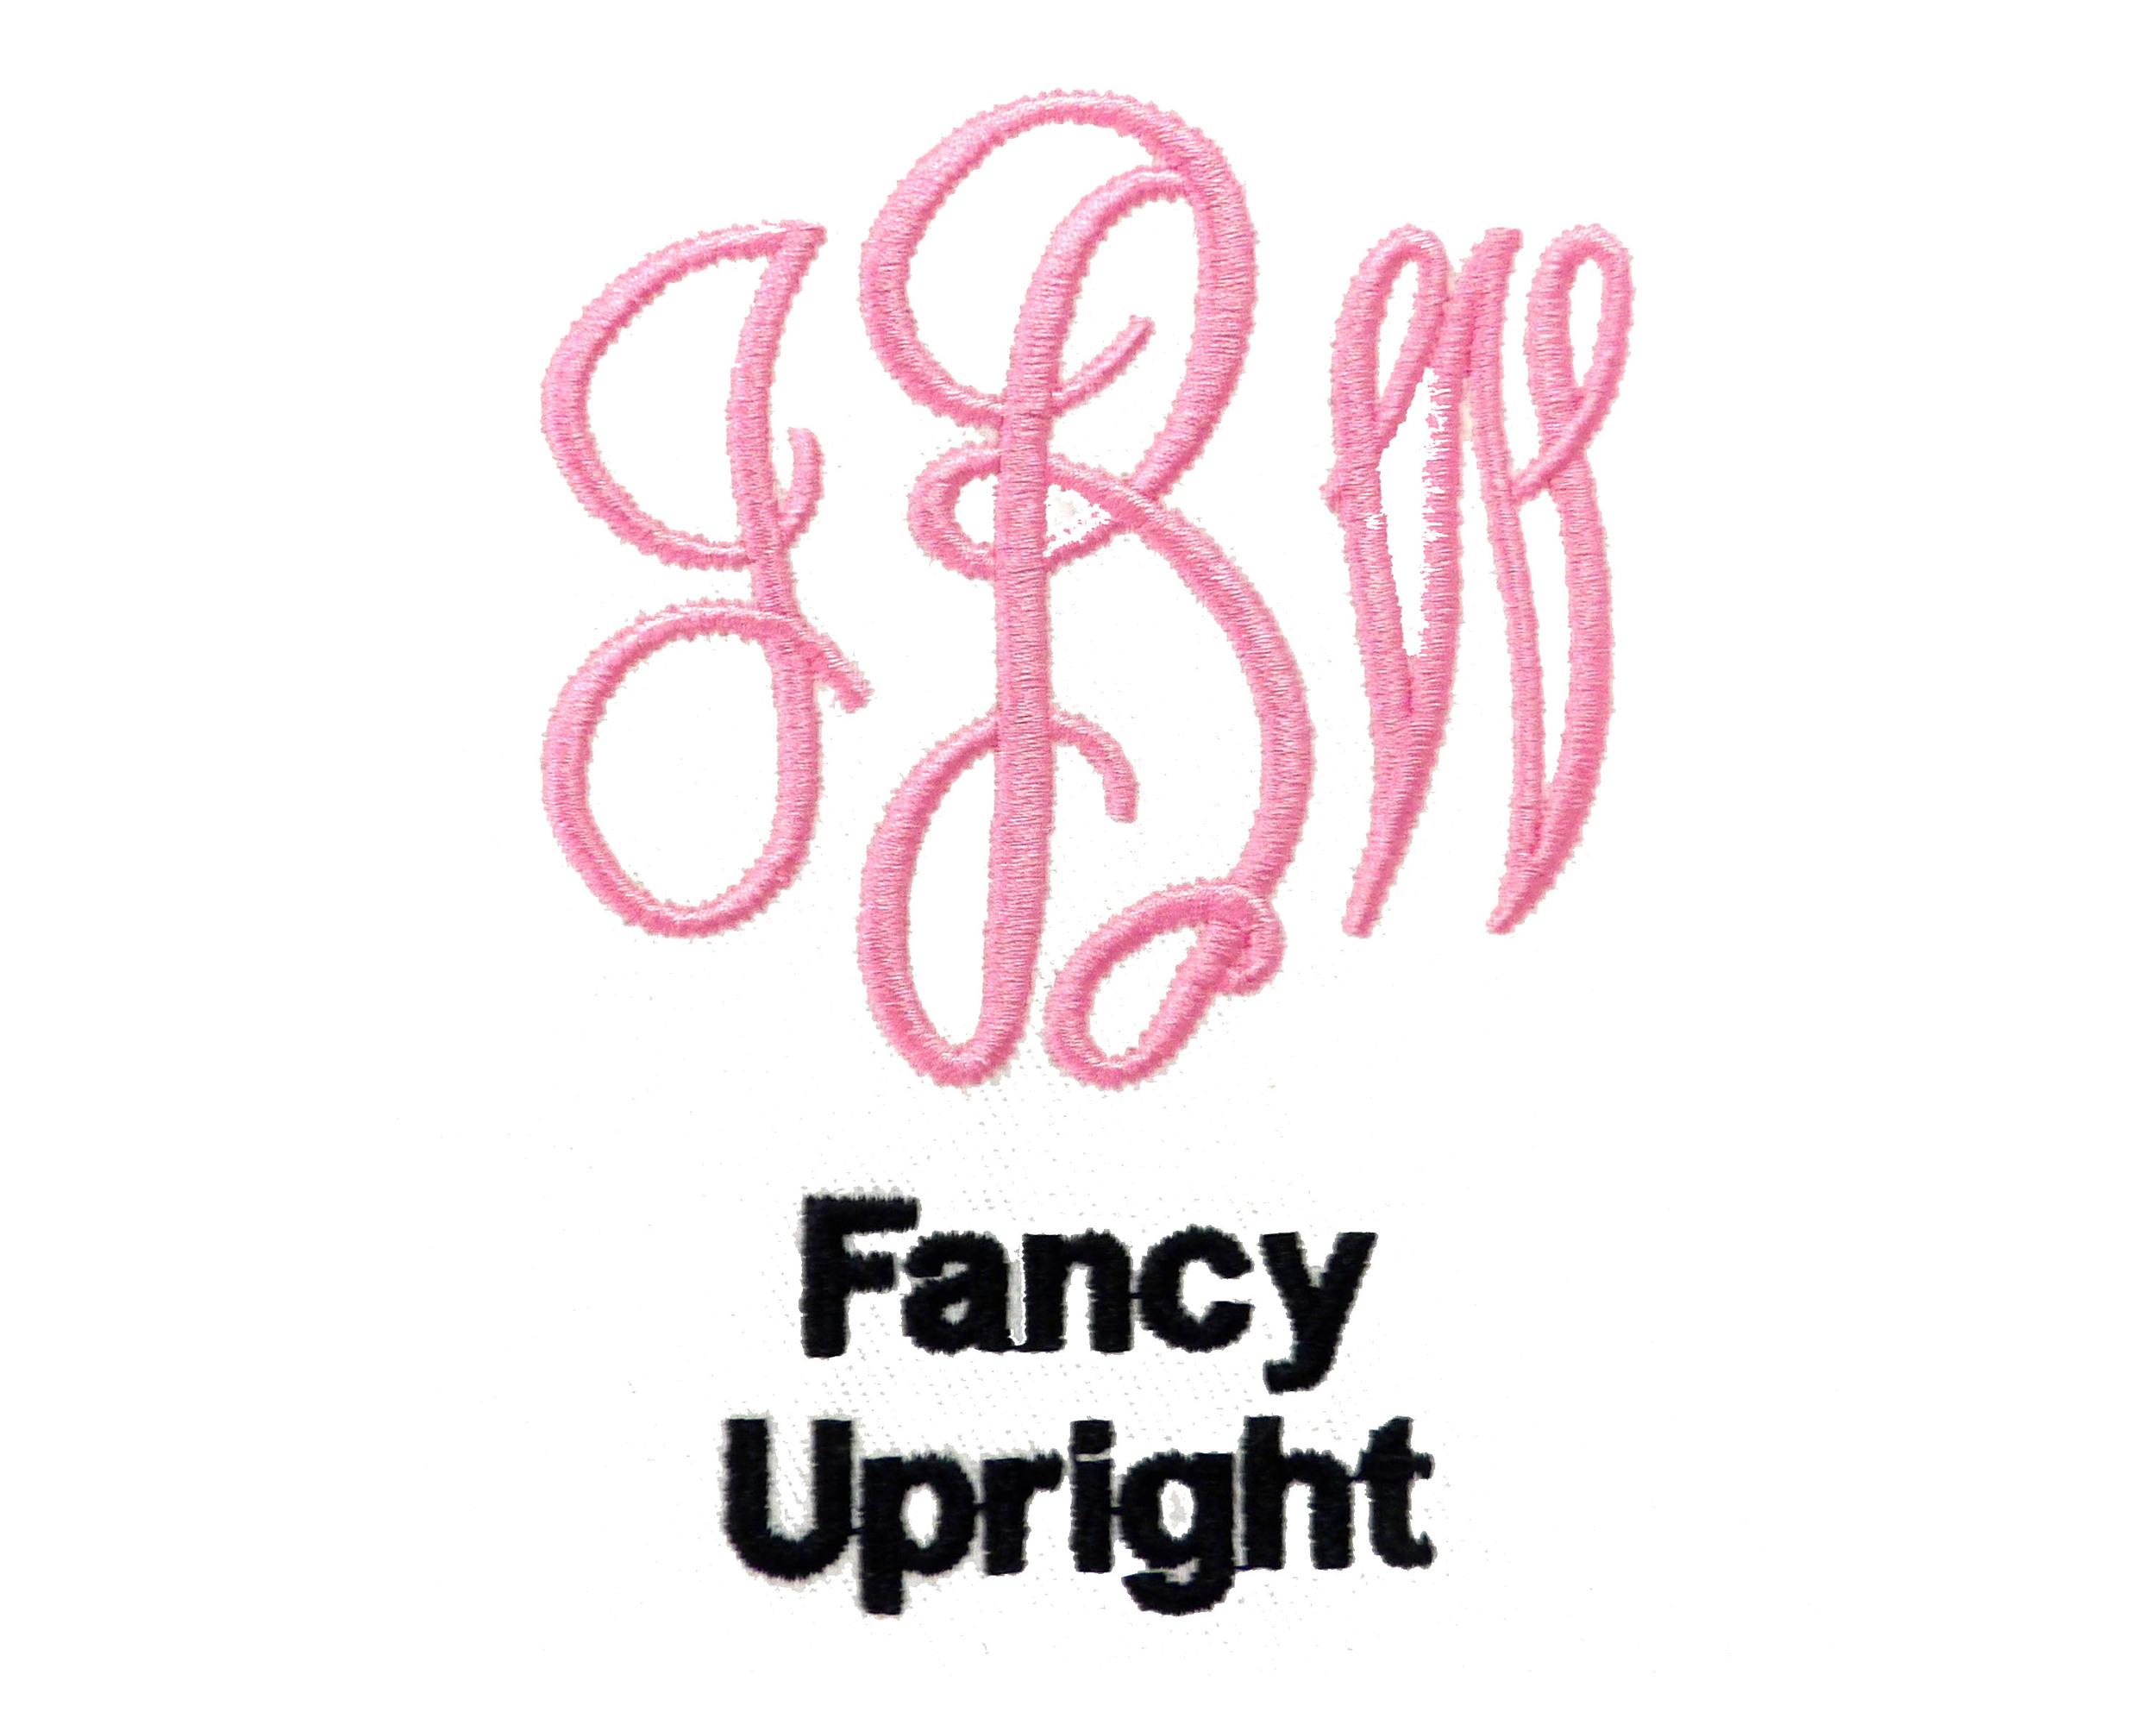 Fancy Upright.jpg